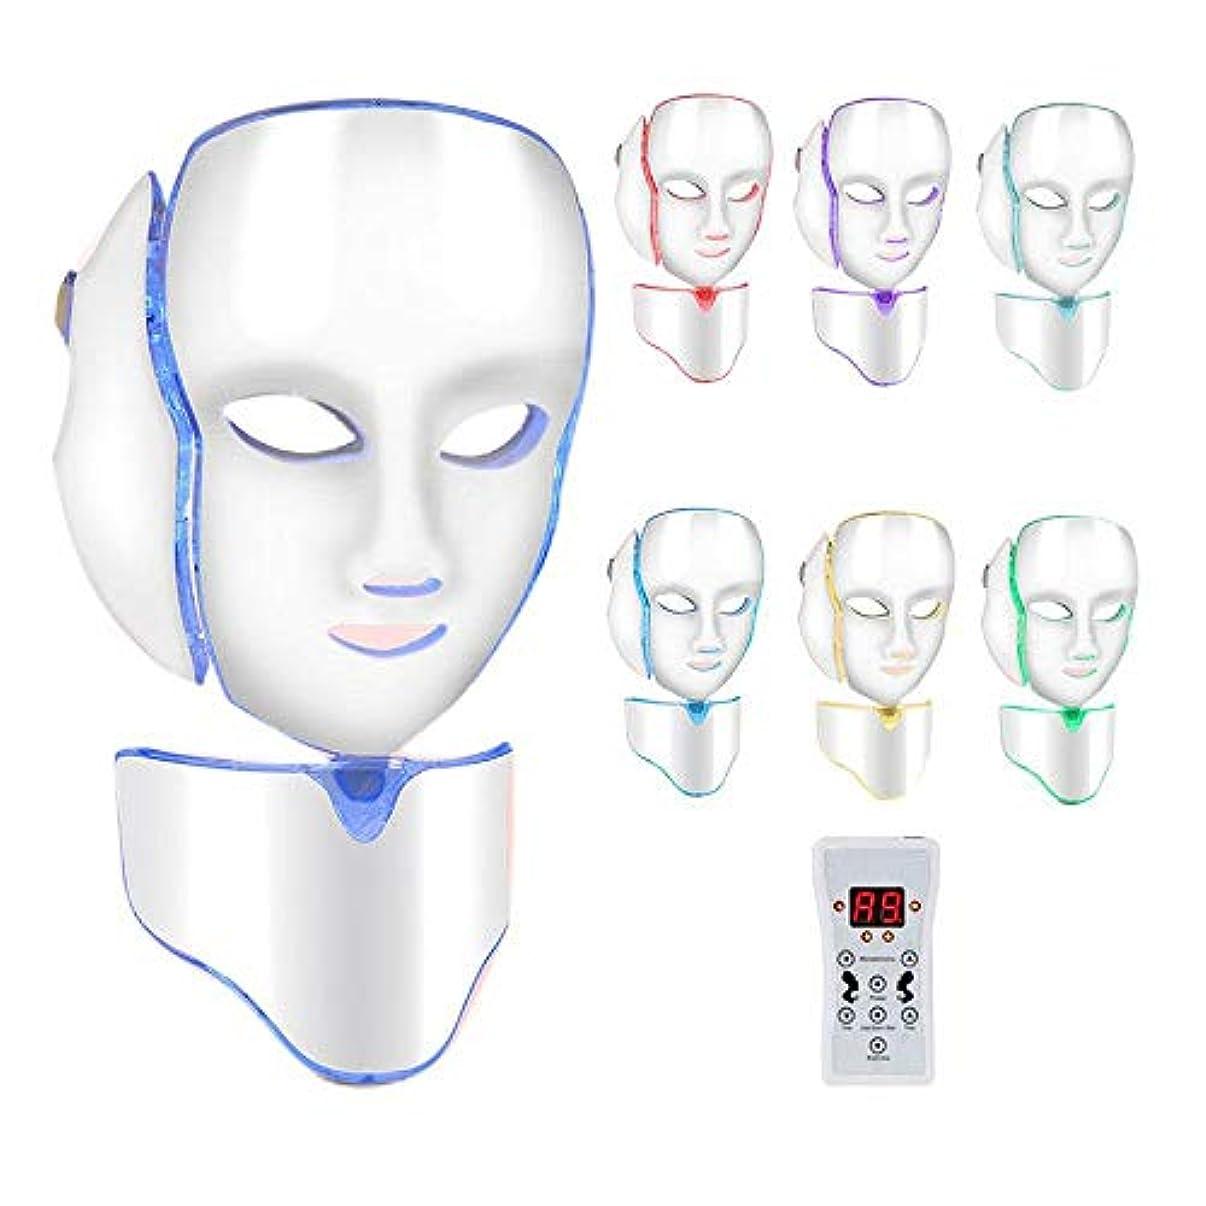 アパル罹患率出血LED顔面若返りスキンツール、アンチリンクルホワイトニング美容機を締め付け最良の効果フェイストリートメントネックスキン、スキントーニングしわのためのLEDライトが削除